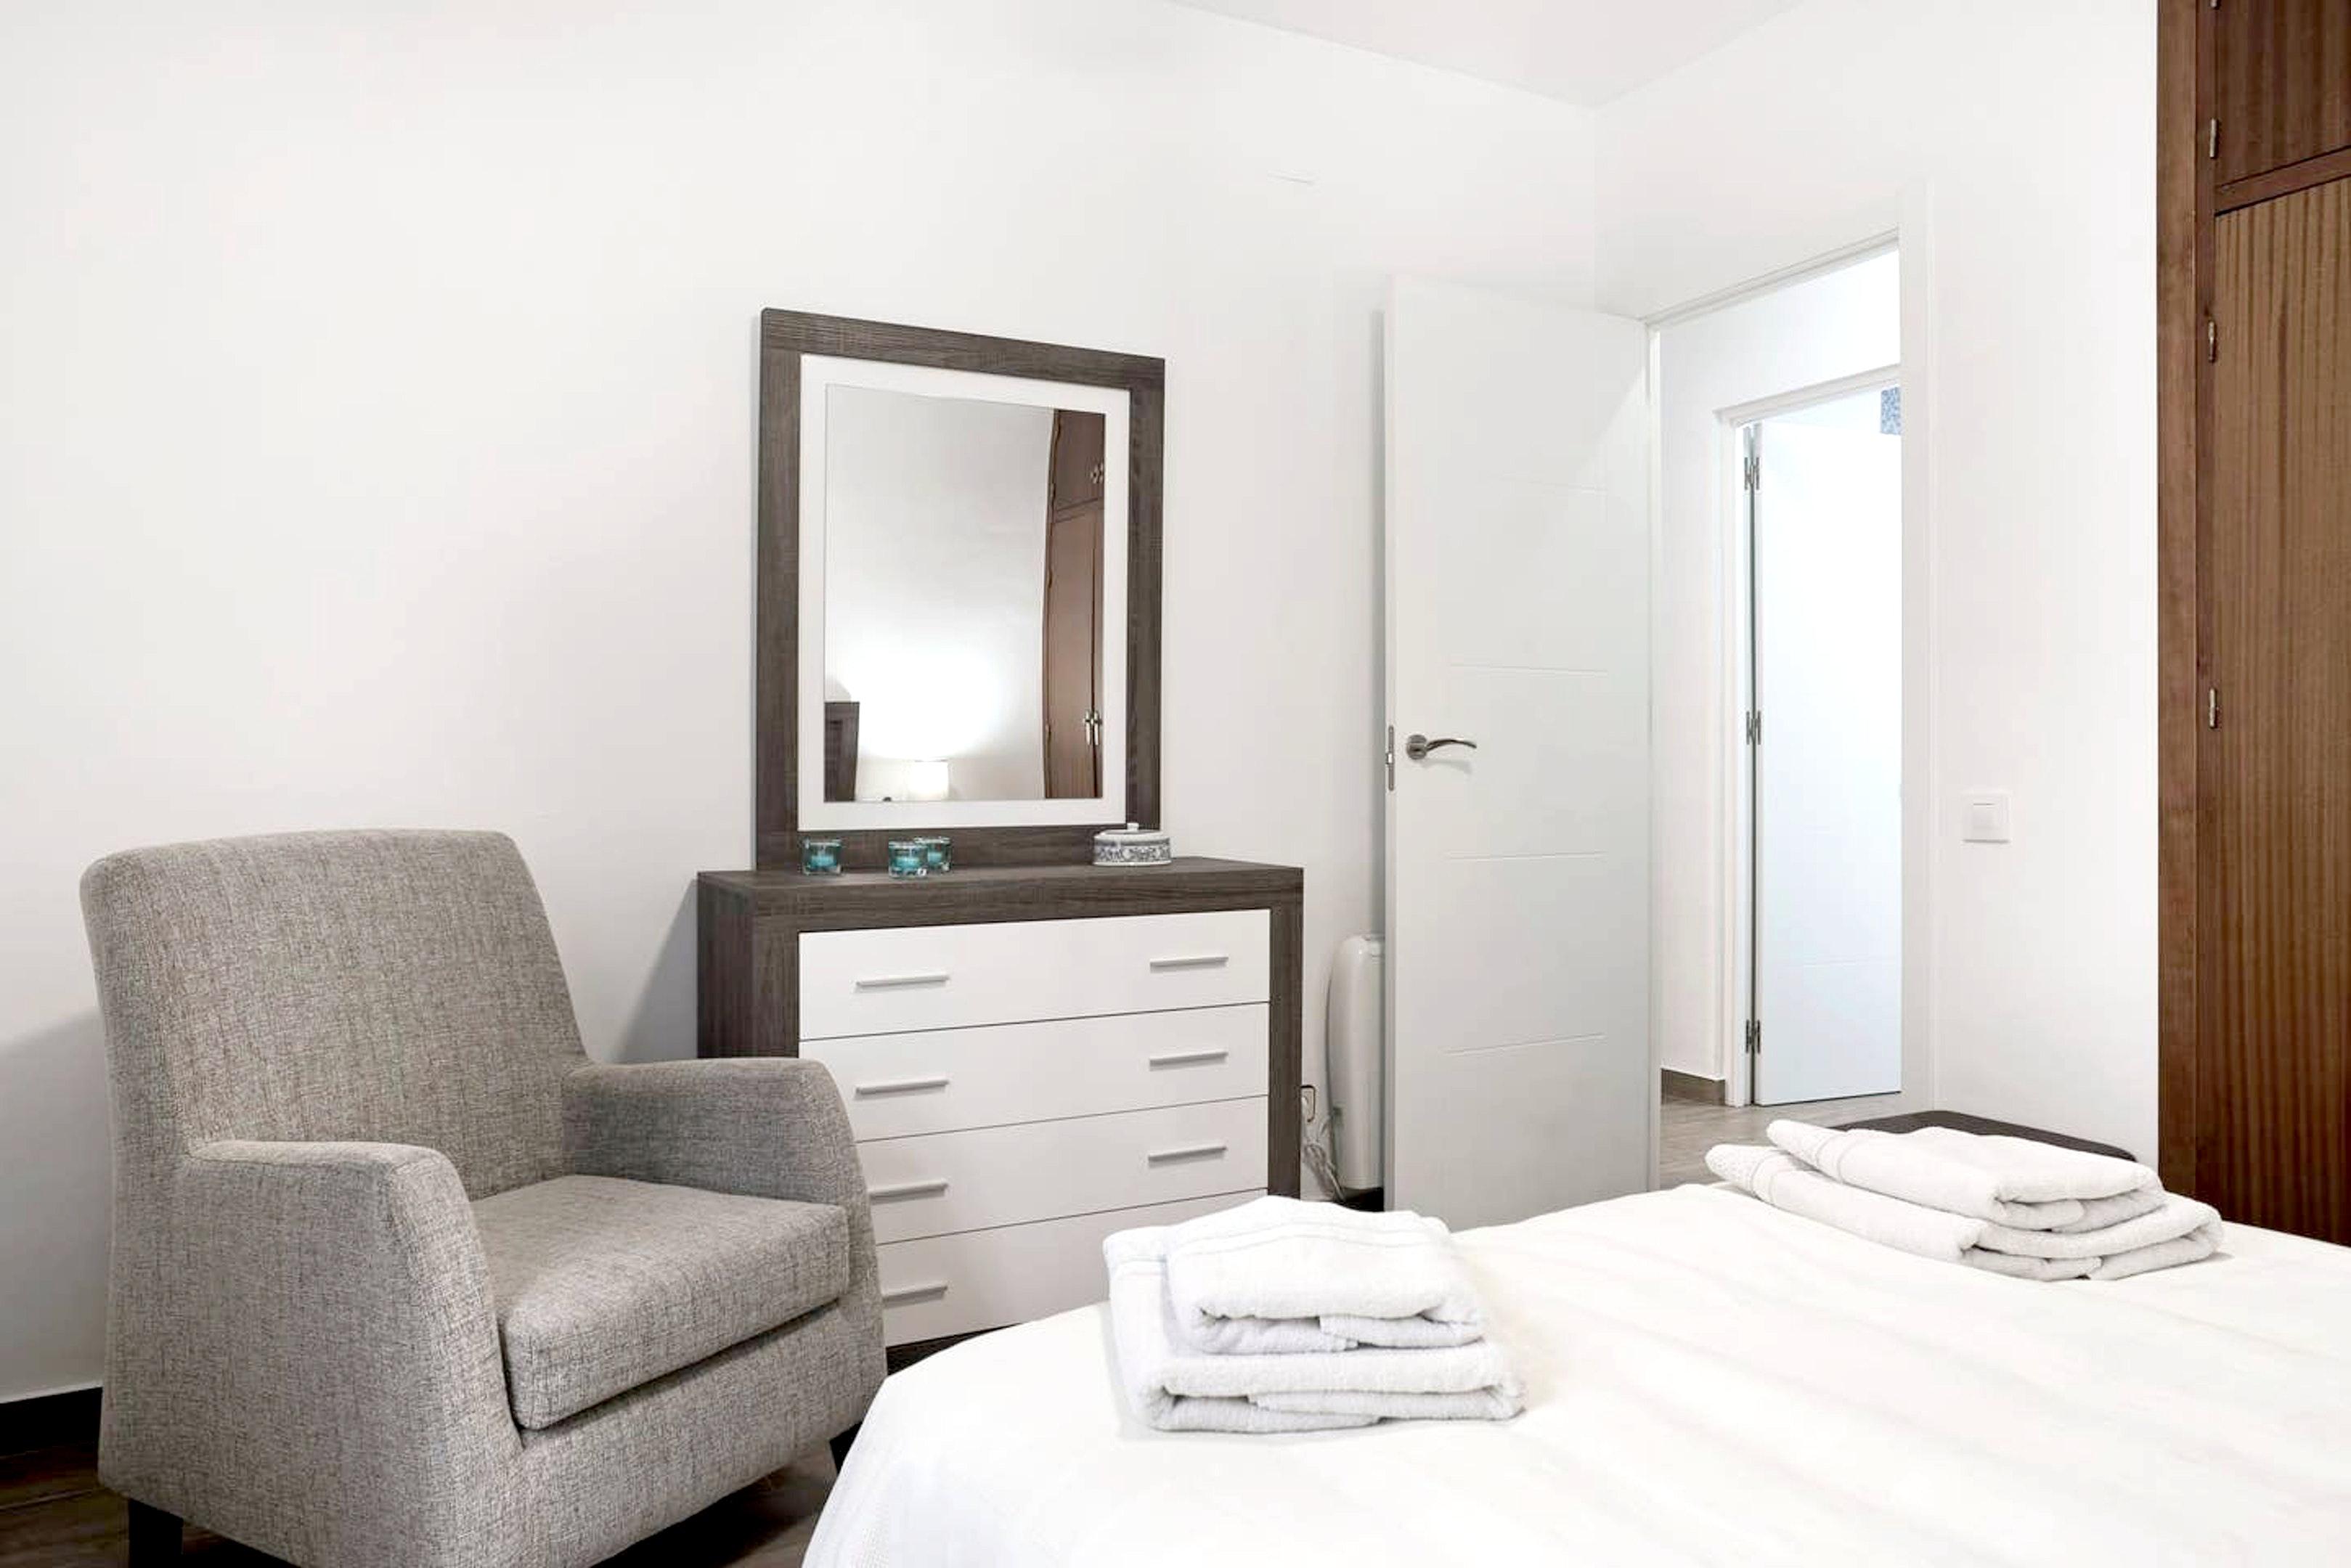 Ferienwohnung Wohnung mit 3 Schlafzimmern in Antequera mit möblierter Terrasse und W-LAN (2706842), Antequera, Malaga, Andalusien, Spanien, Bild 2